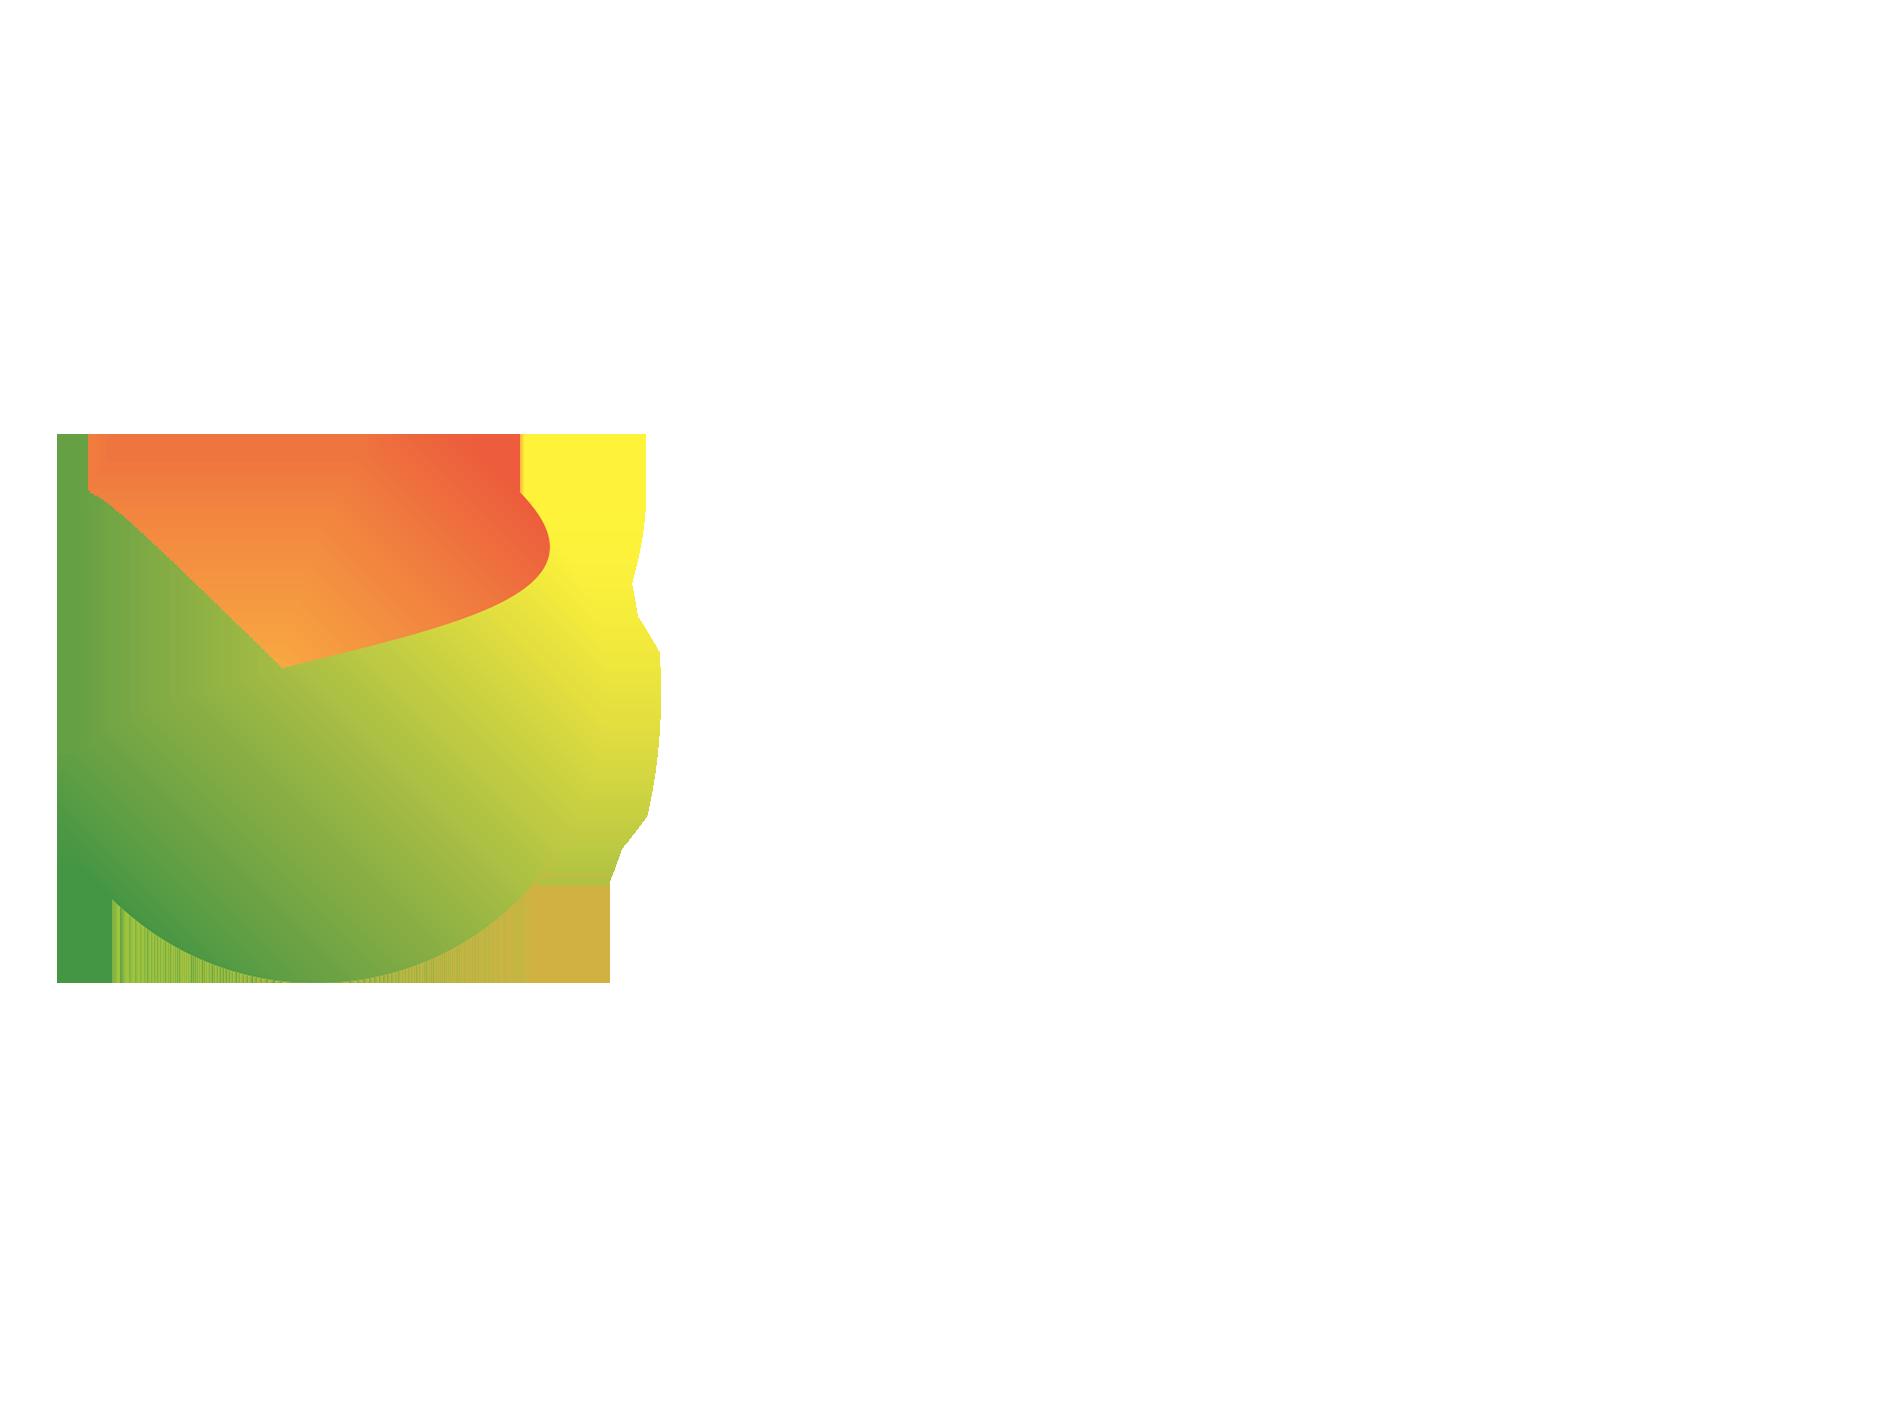 Firma logo